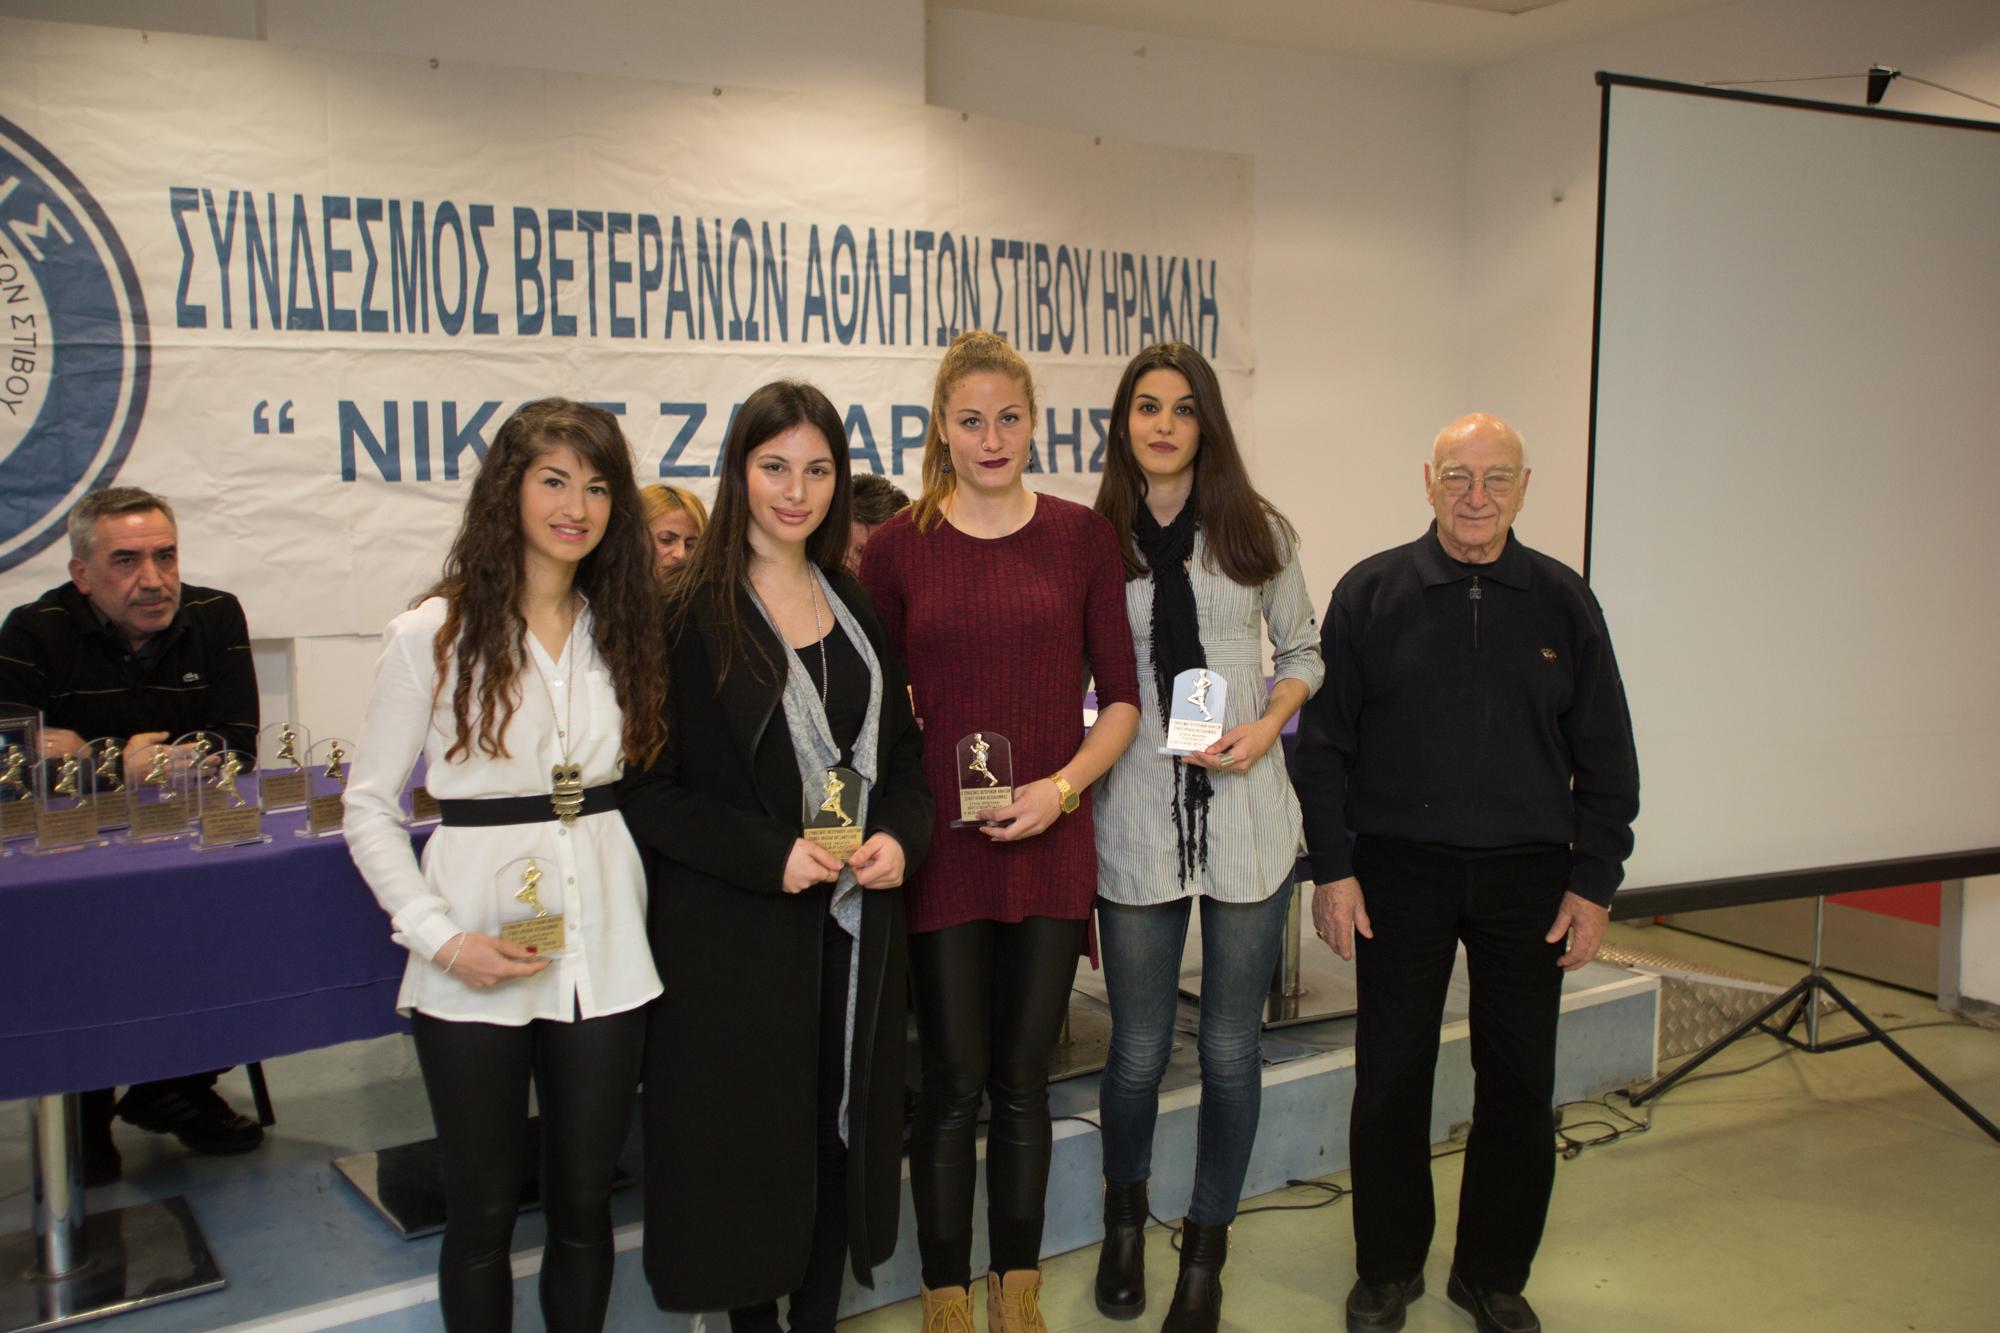 Ομάδα 4χ400μ ΝΕΩΝ ΓΥΝΑΙΚΩΝ(Λουκίδου,Χαντζαρίδου,Θεοπεμτίδου,Ξένου) βραβείο από Πτολεμαίο.